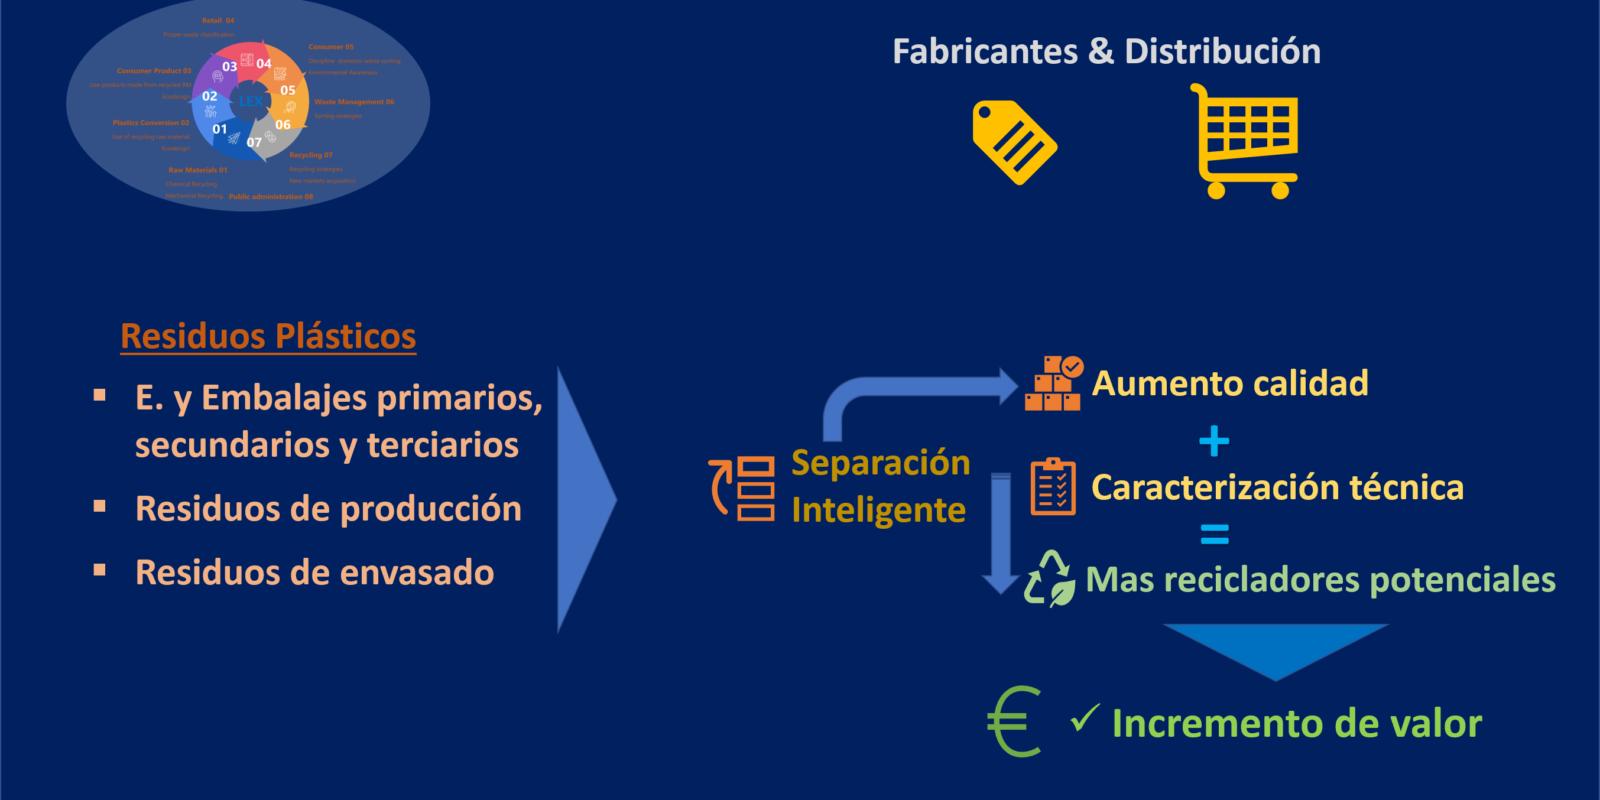 2.Fabricantes & Distribución Español